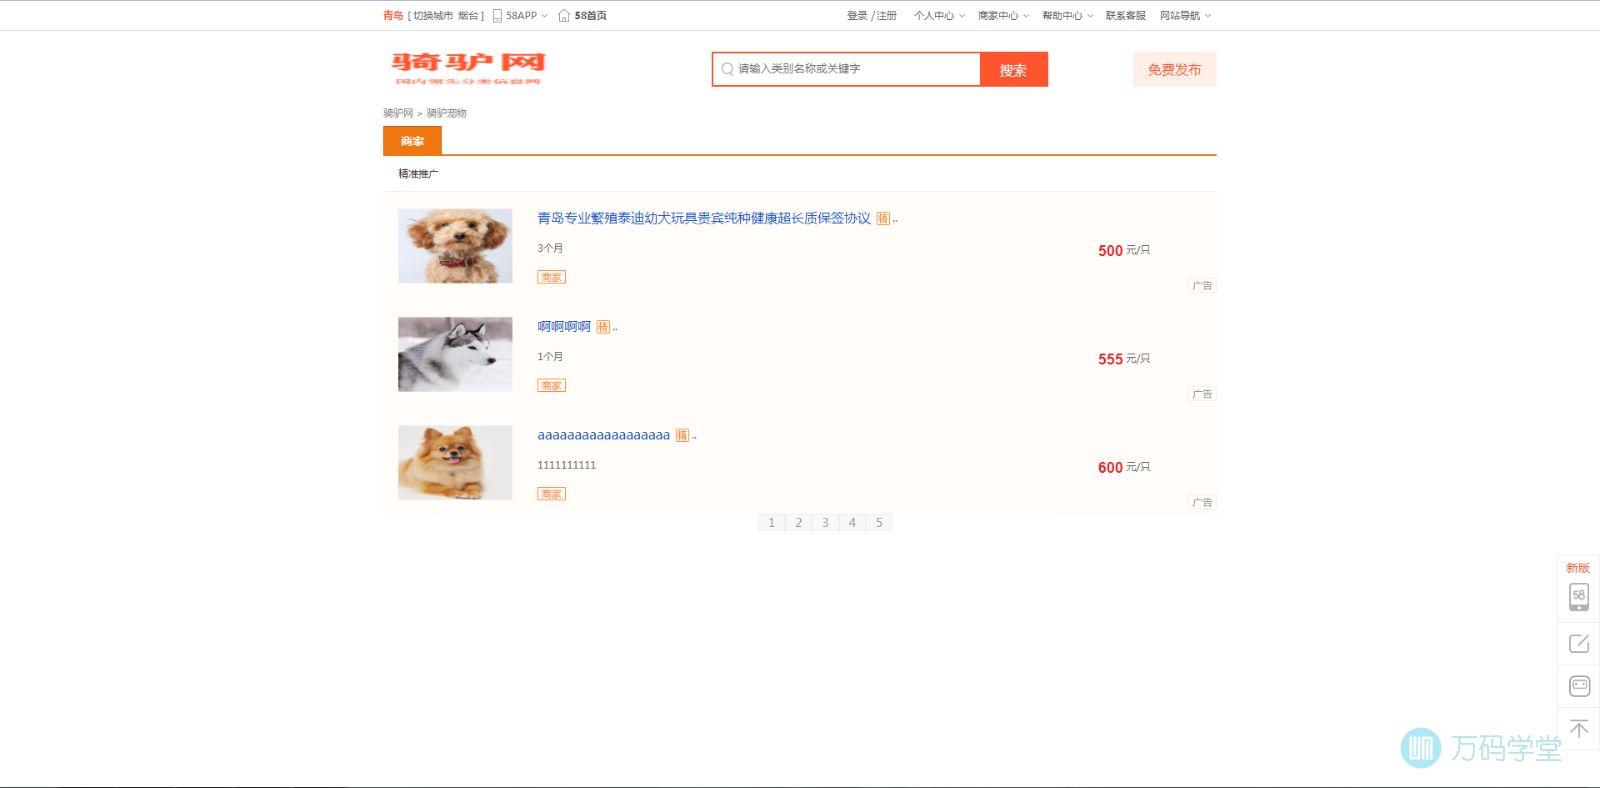 宠物分类页列表.jpg